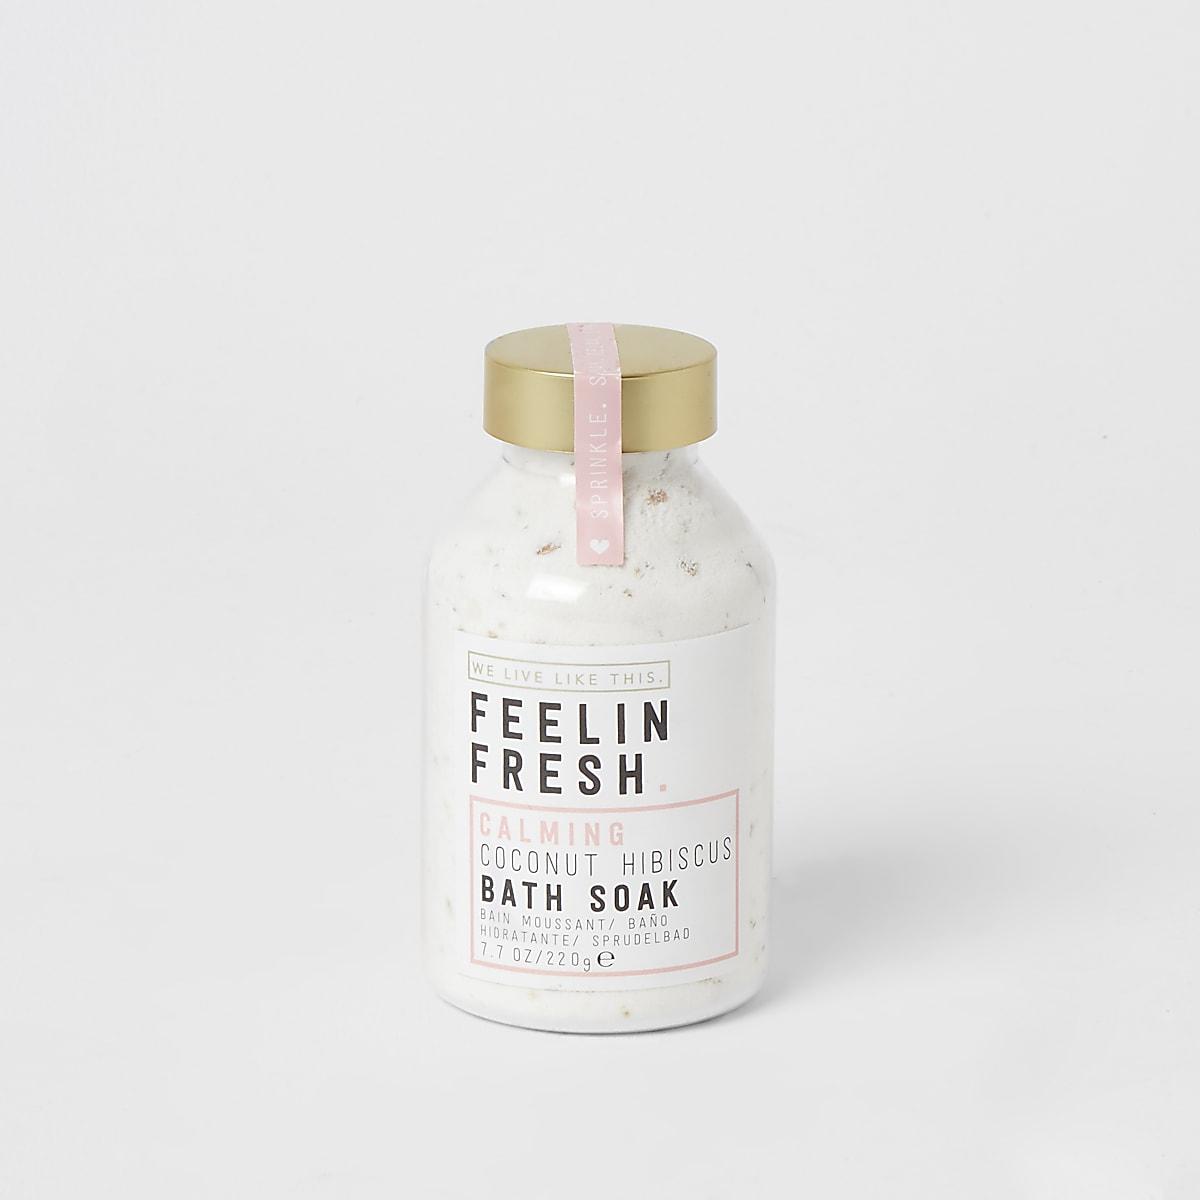 Feelin fresh coconut hibiscus bath soak